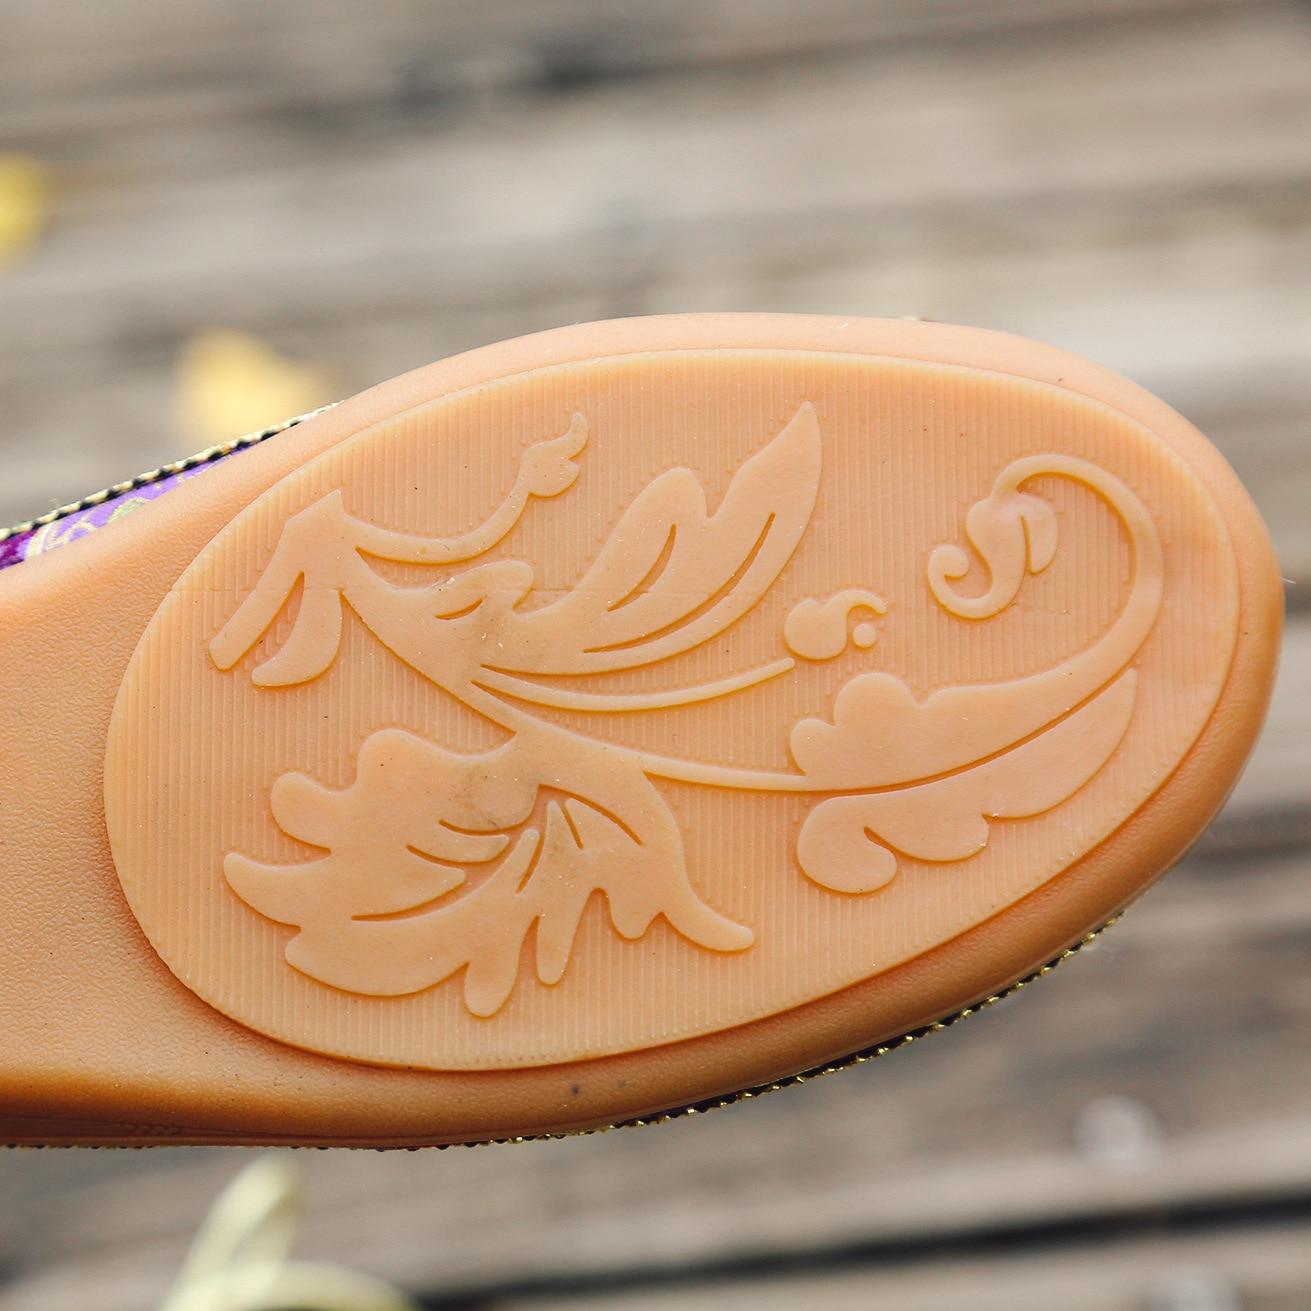 Mujer Appartements Zapatos Brodé Main Size42 Chaussures Rétro Cheville À rouge Casual Bretelles Ethnique Bleu Perlé Mocassins Plus Femmes La Plates d6q8OxnX